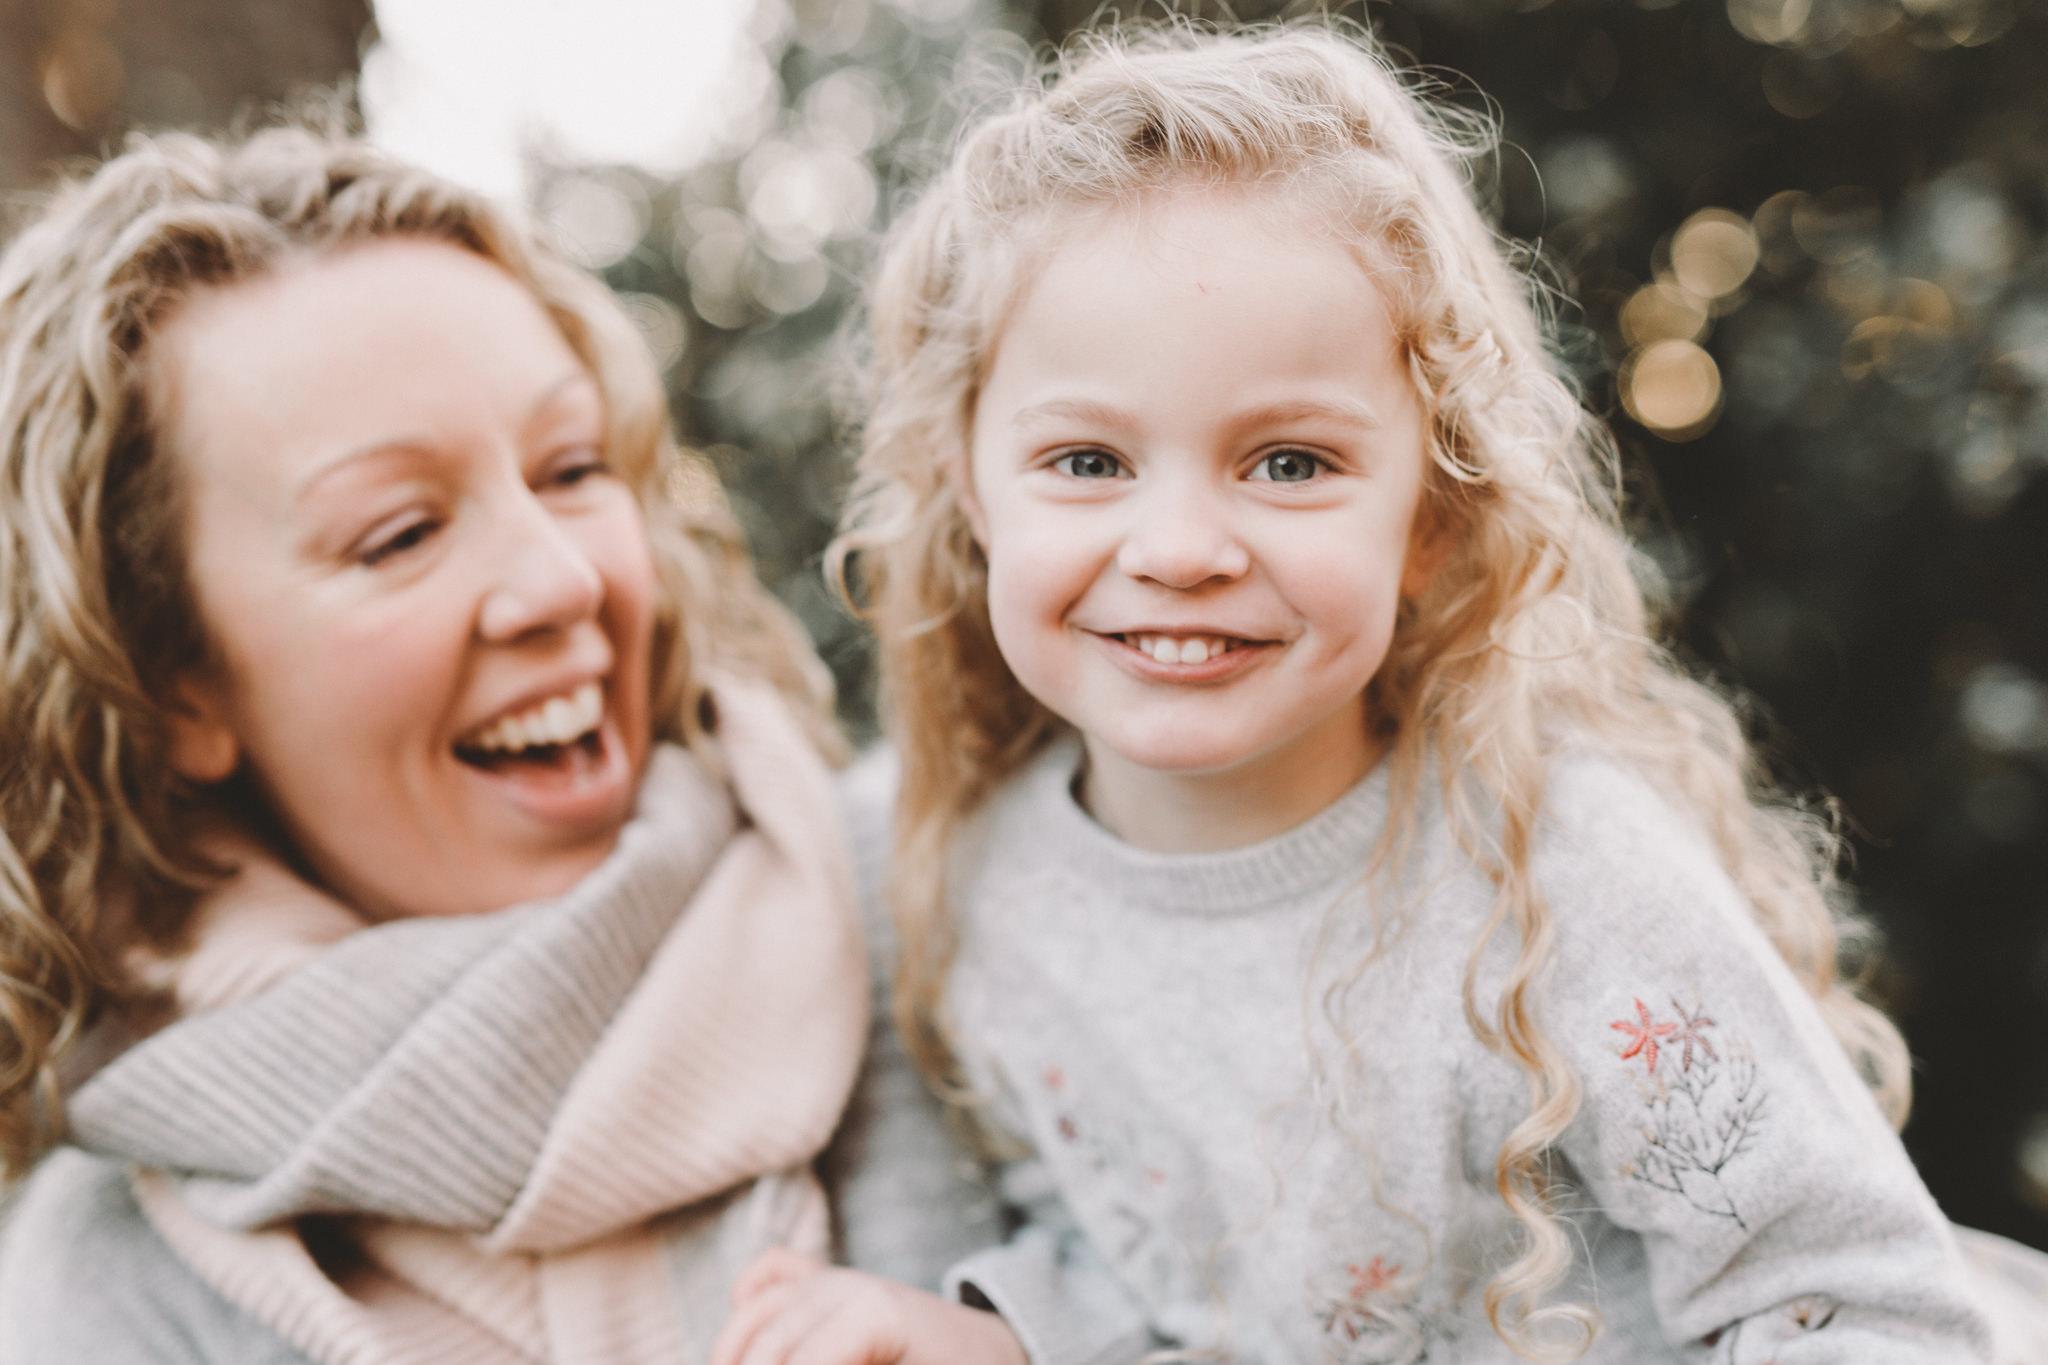 FAMILY - Nield 075644.jpg